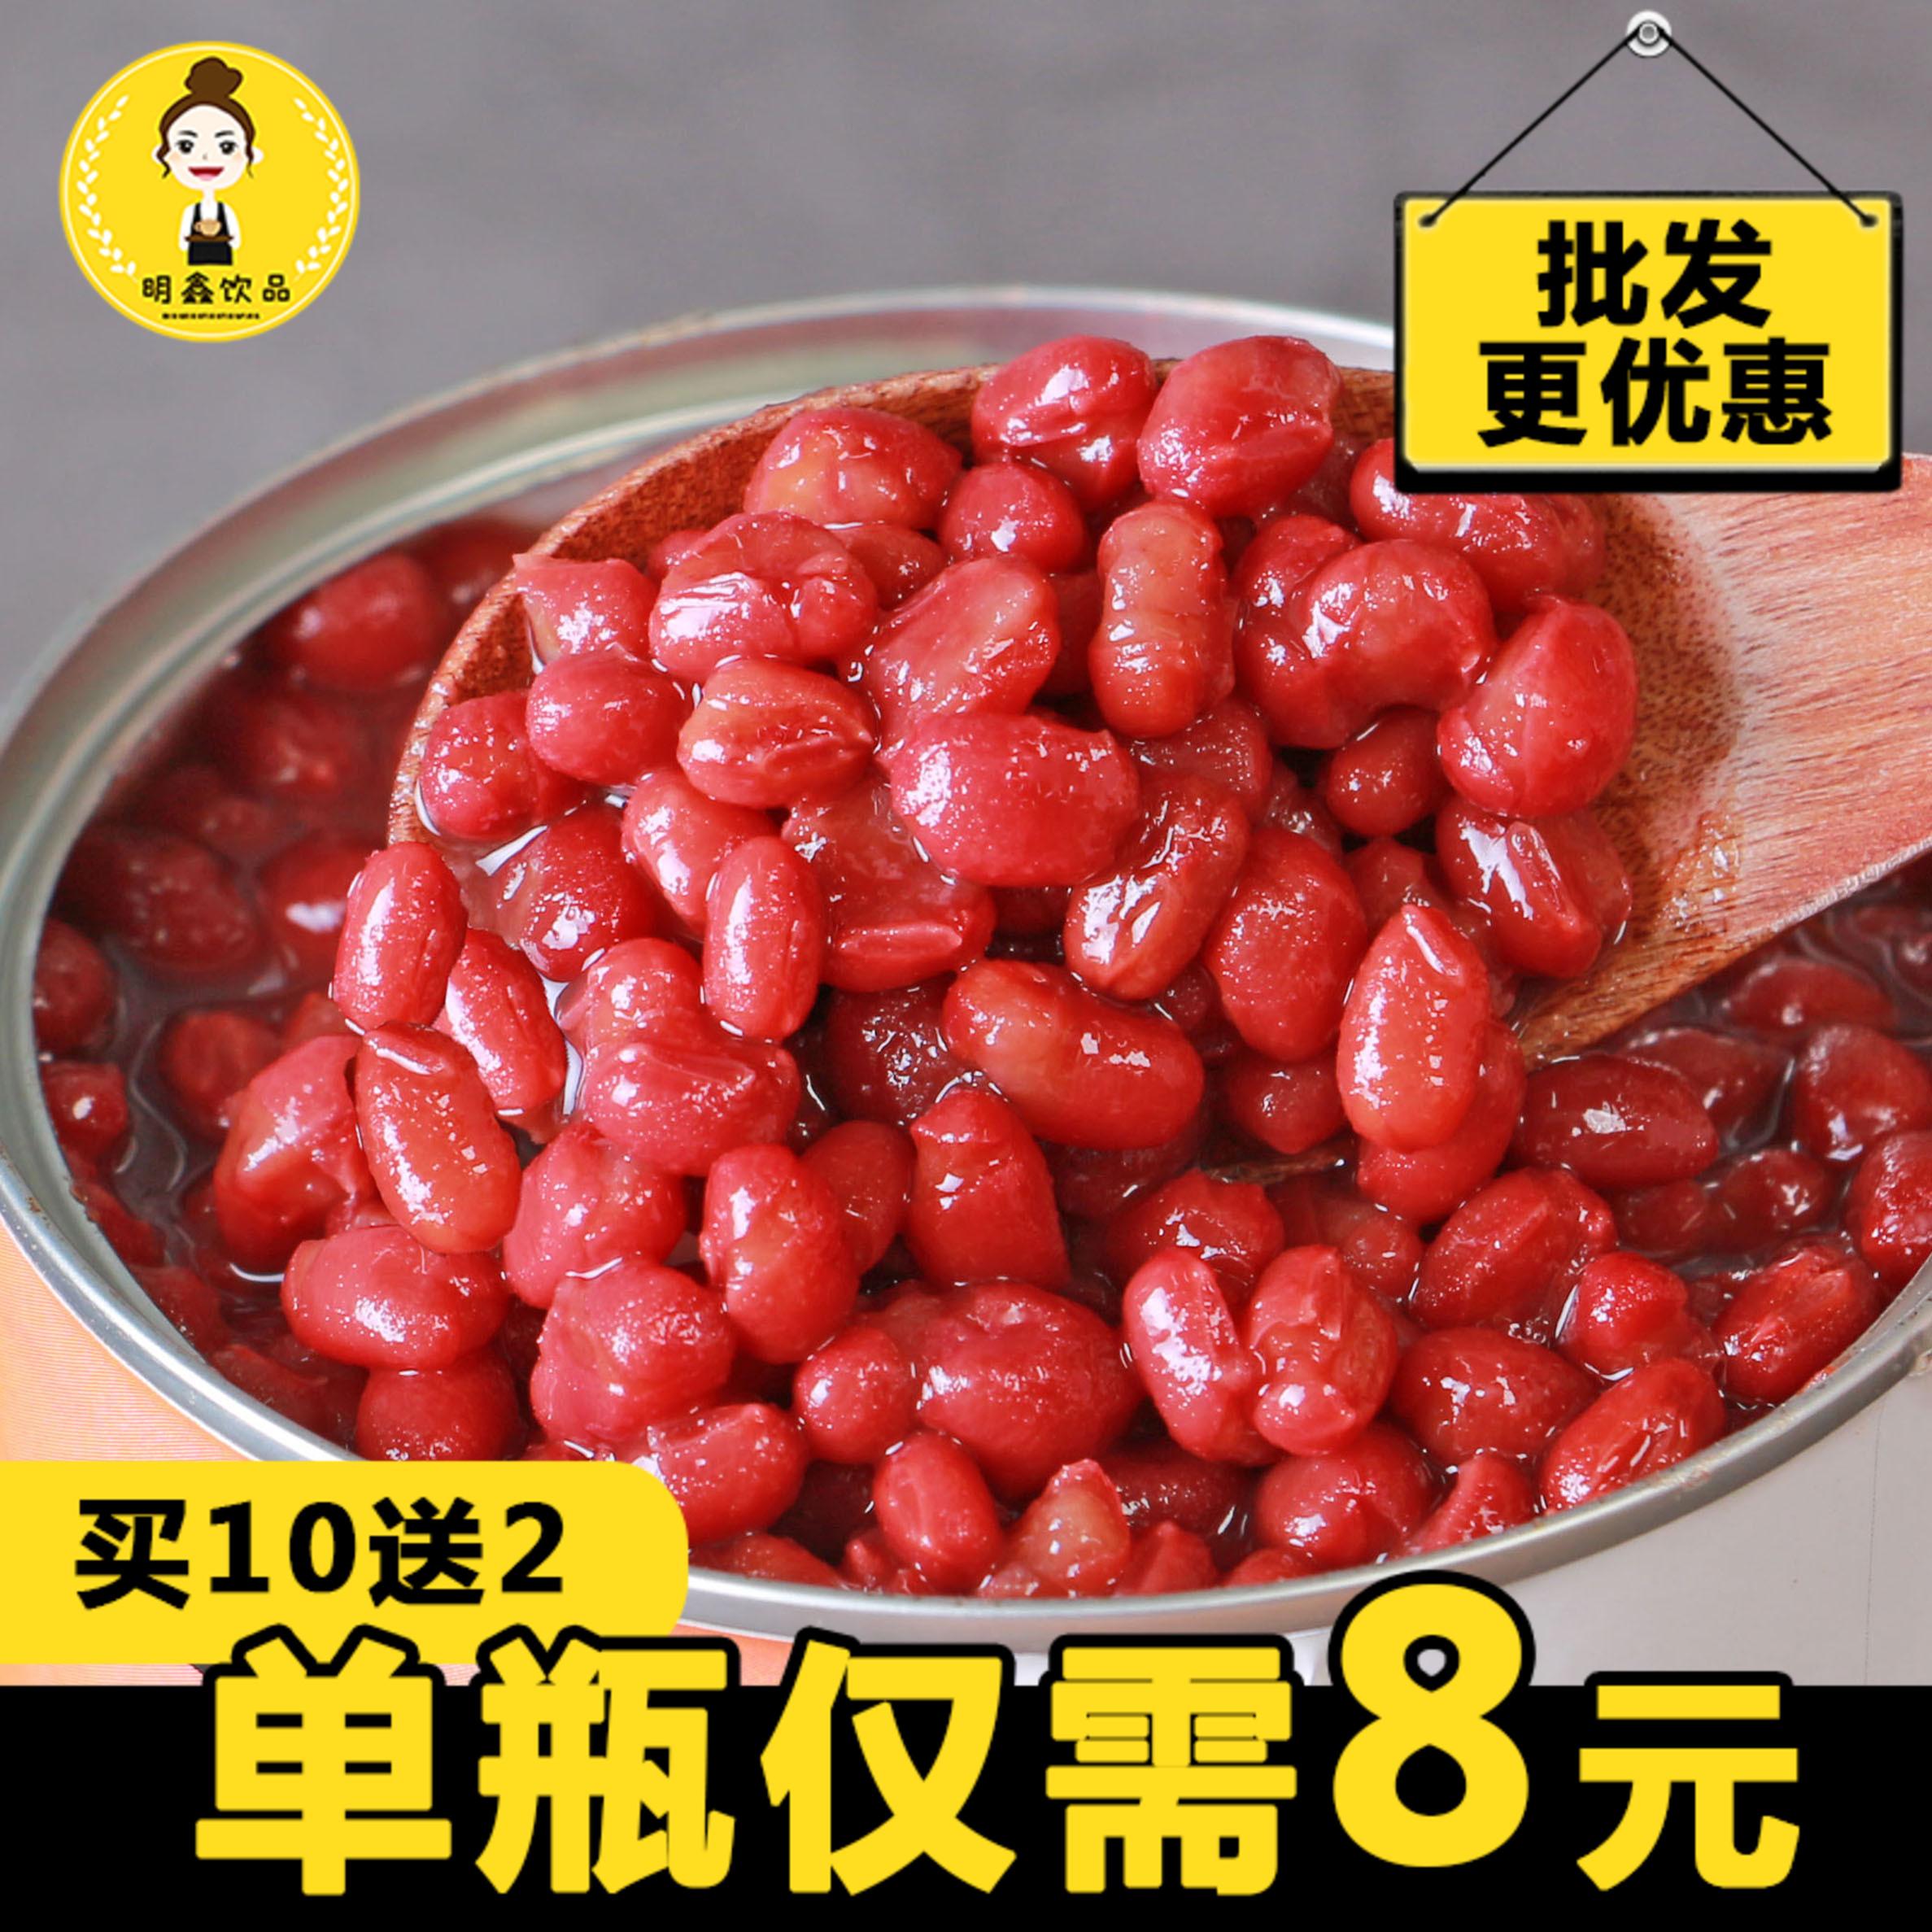 明鑫红豆罐头奶茶专用小罐熟糖水红豆即食免煮商用糖纳豆蜜豆900g